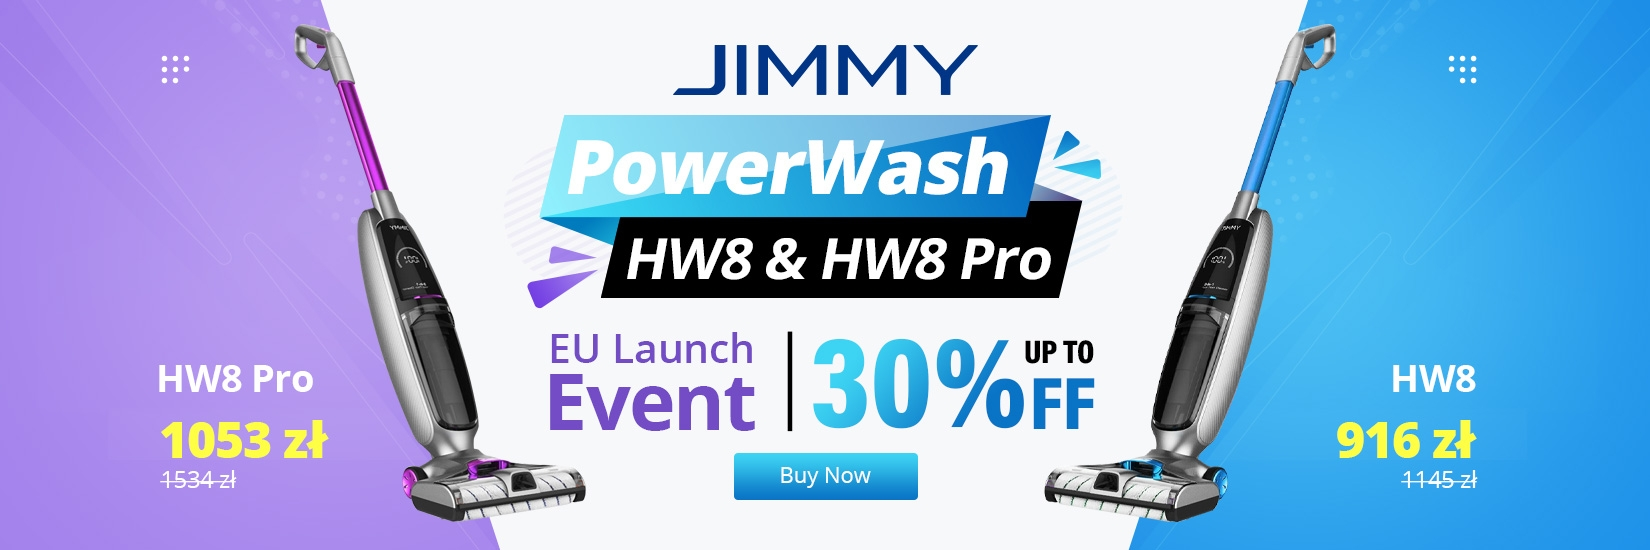 JIMMY HW8 PRO UE SALE